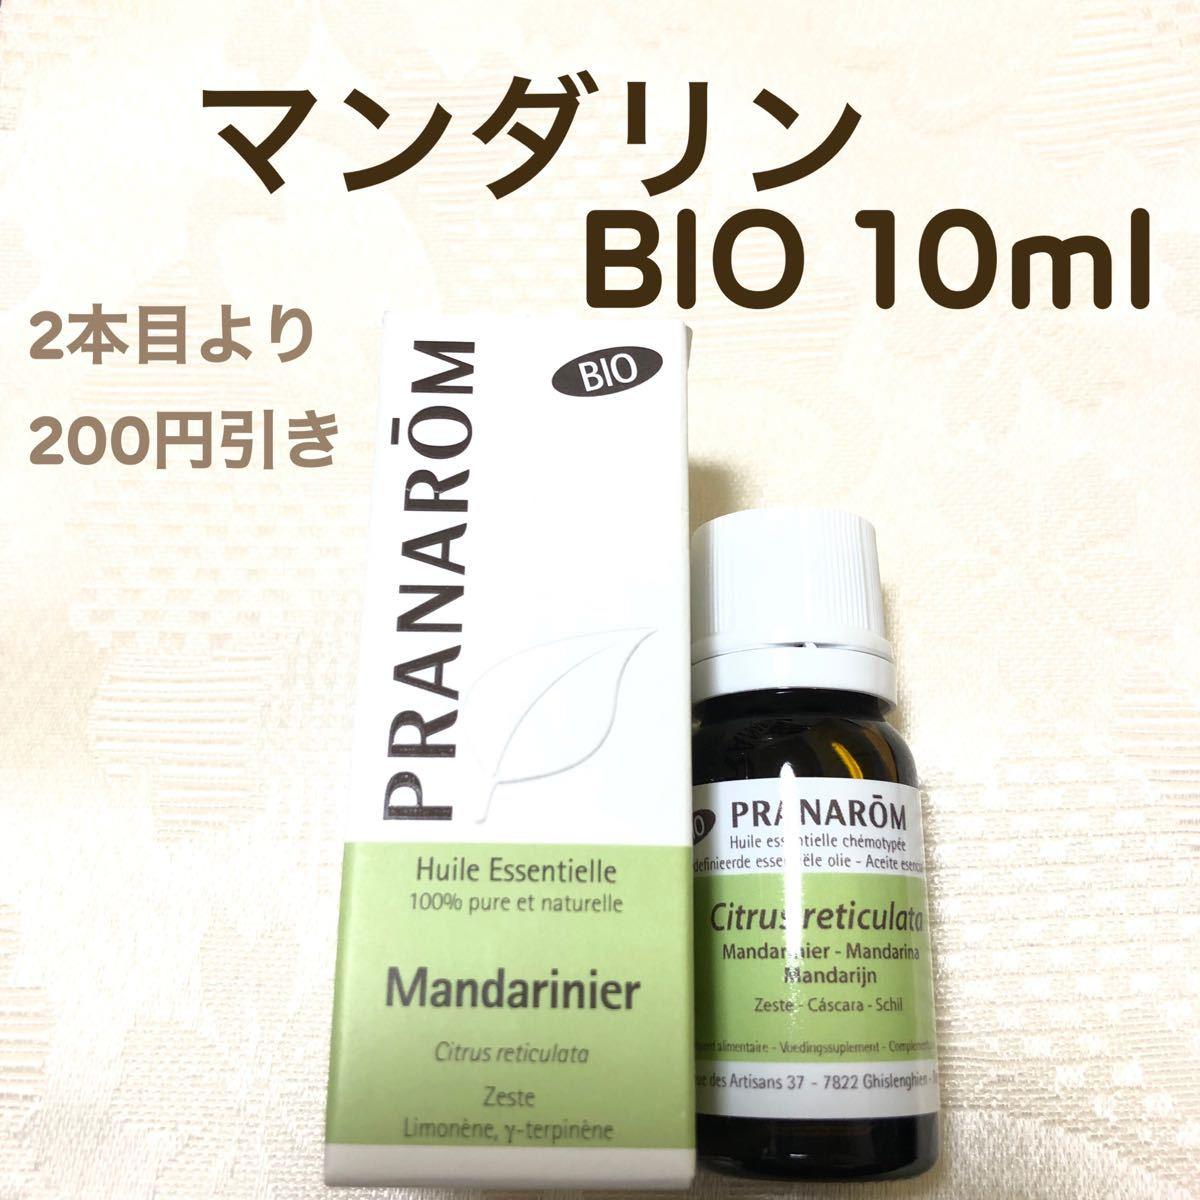 【マンダリン BIO 】10ml プラナロム 精油